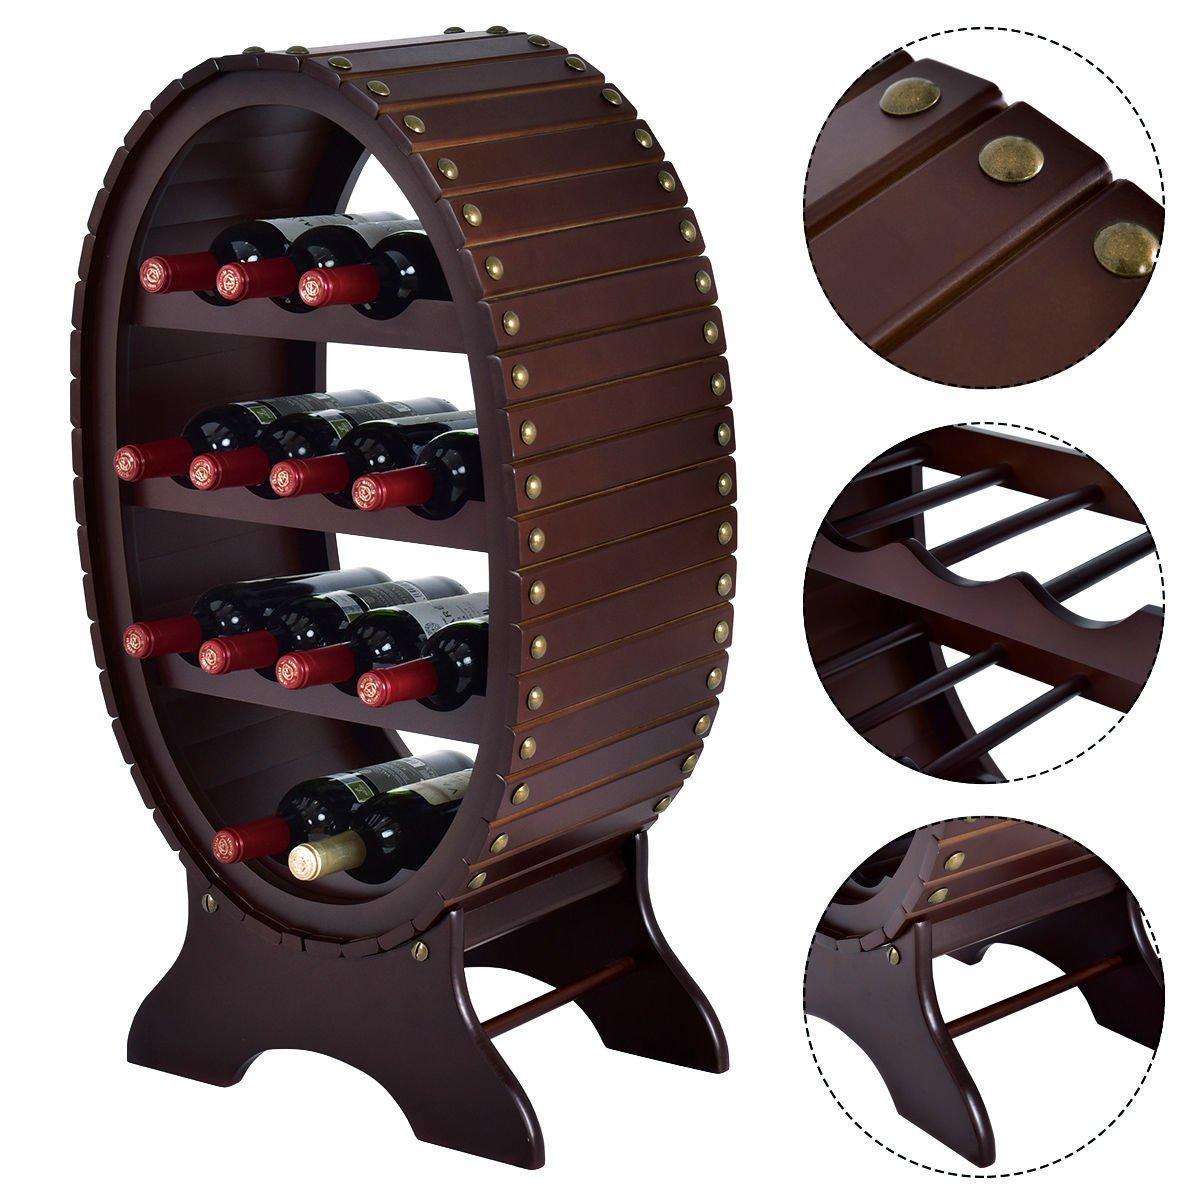 13 Bottles 4 Tier Vintage Wine Rack Wood Storage Shelf Holder Liquor Home Decor